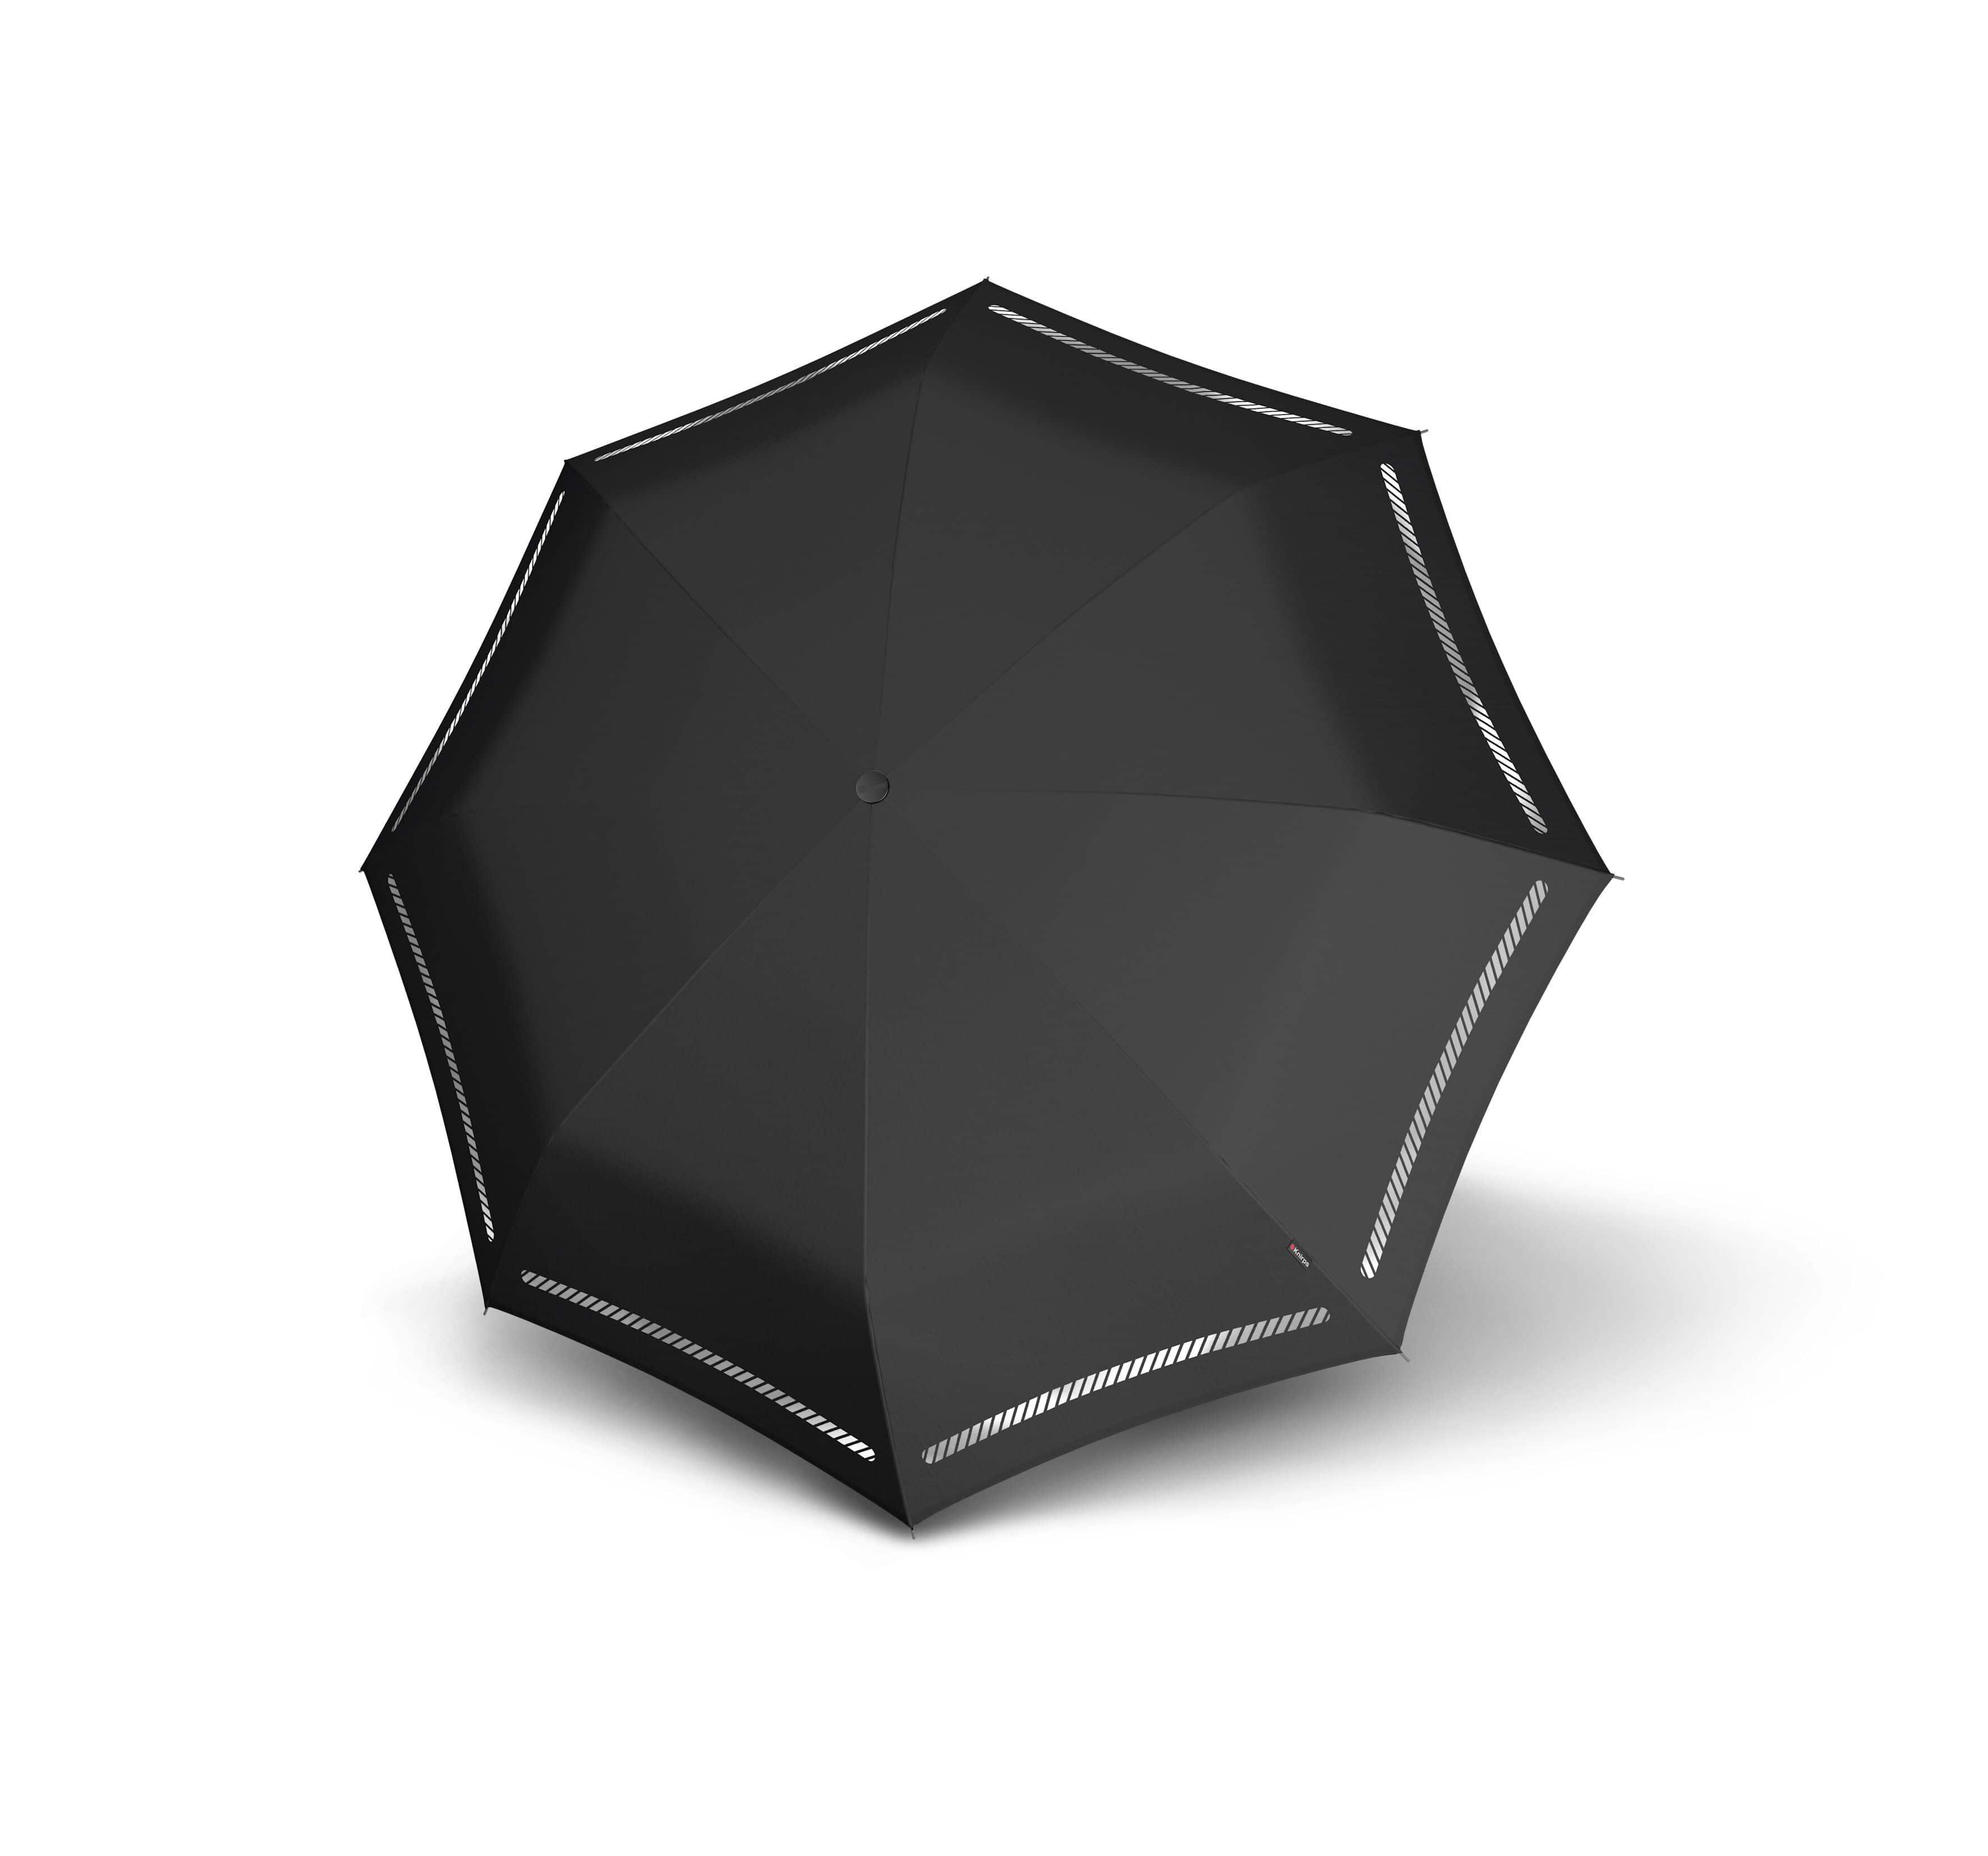 Knirps Umbrella T.200 medium duomatic new - photo 2